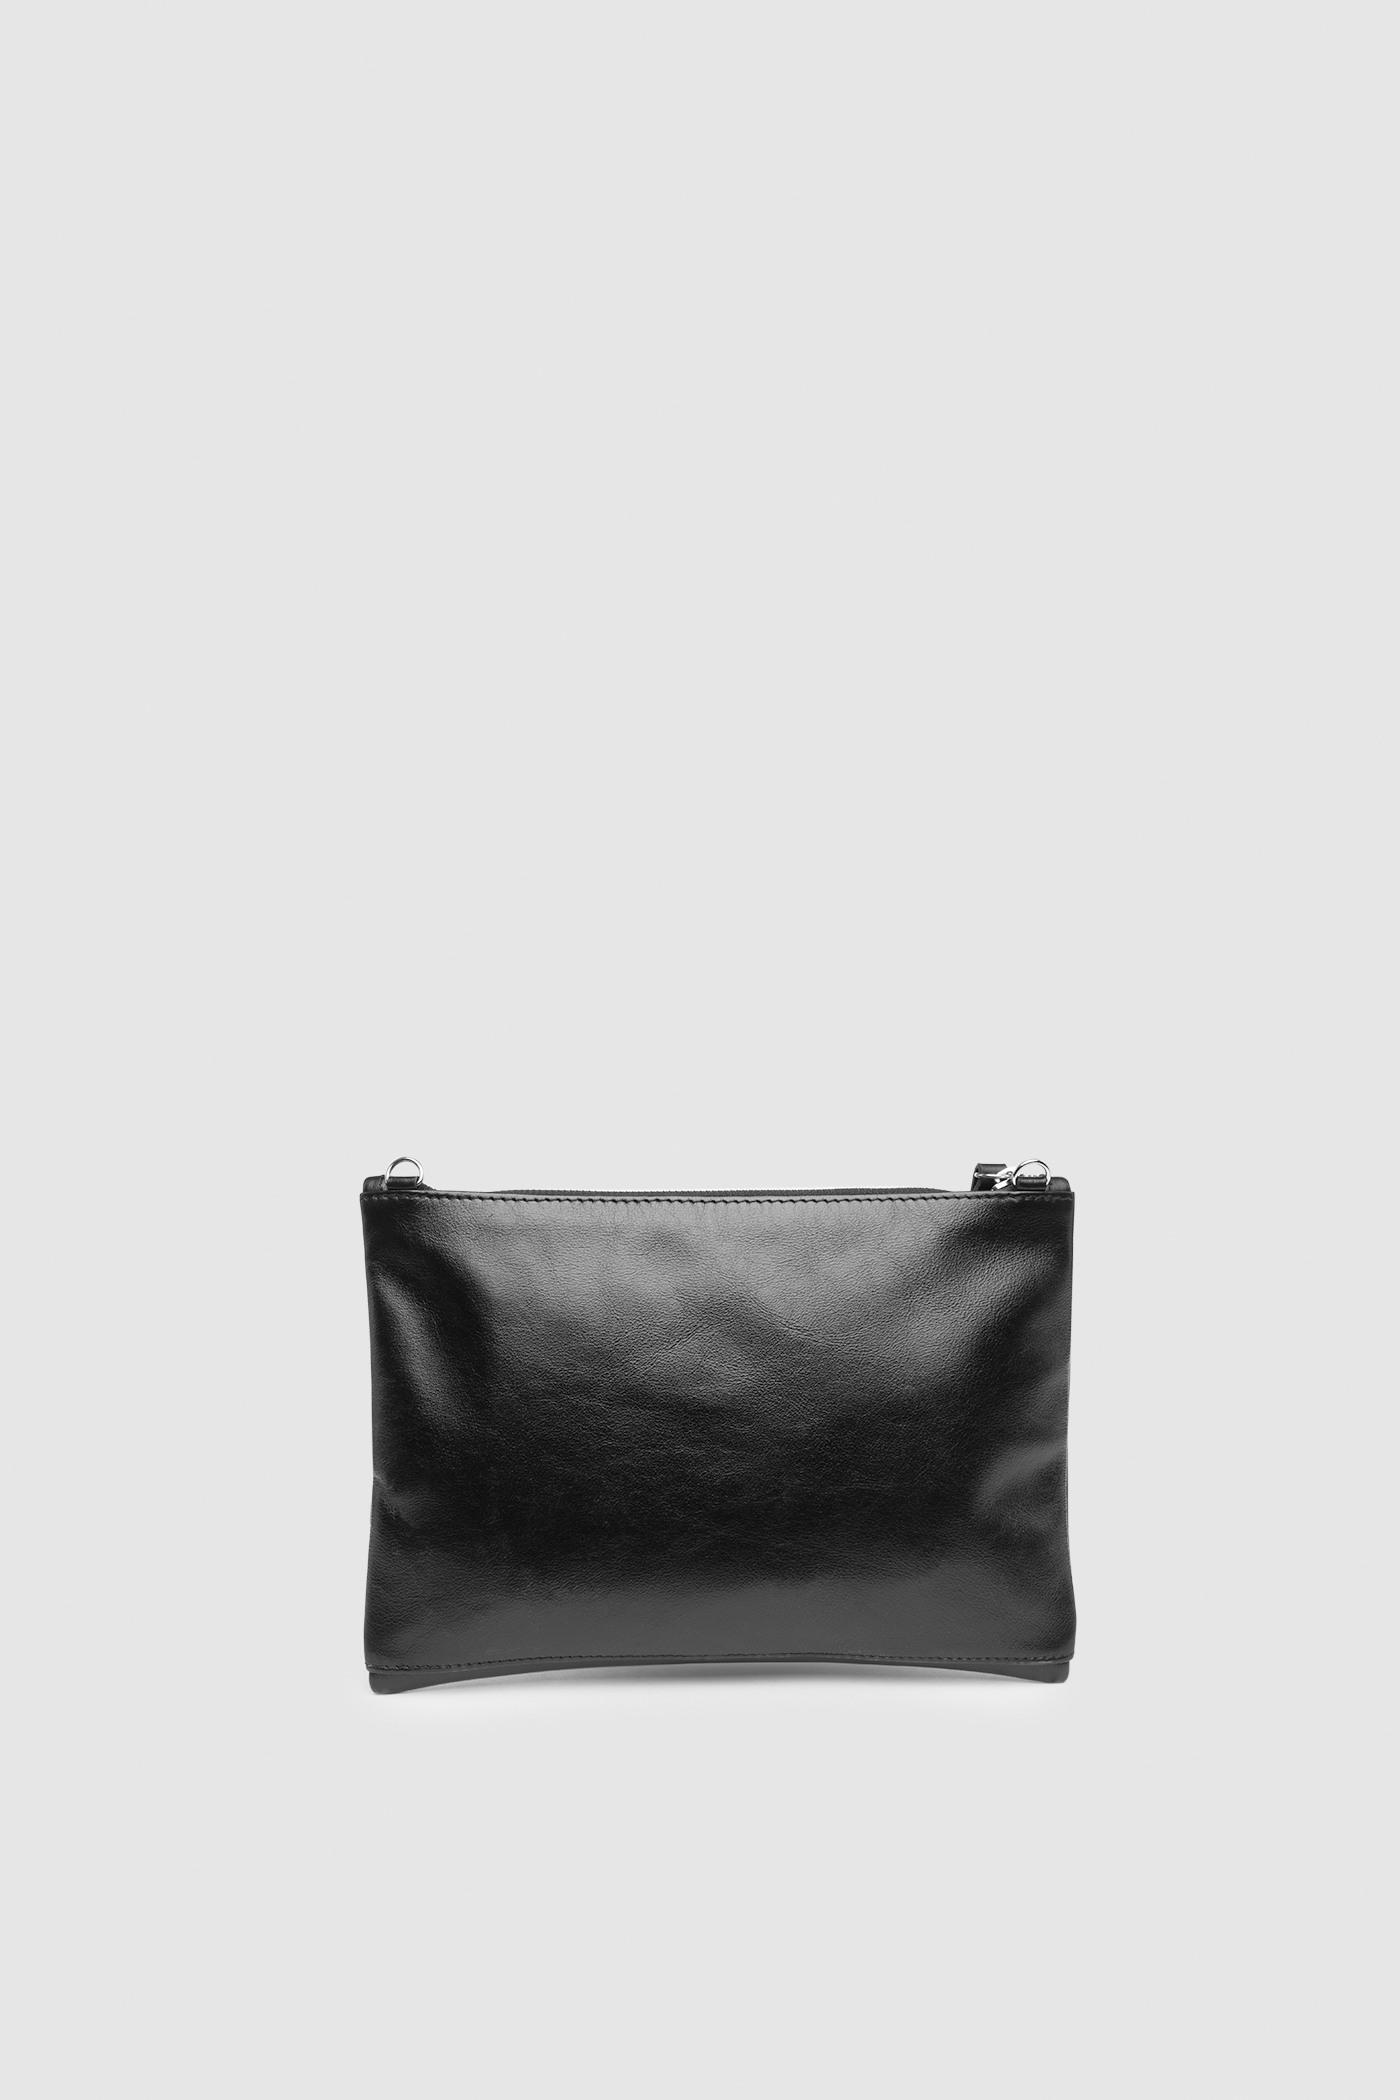 СумкаМаленькая плоская сумка из натуральой кожи&#13;<br>&#13;<br>&#13;<br>съёмный регулируемый ремень&#13;<br>&#13;<br>закрывается на молнию&#13;<br>&#13;<br>внутреннее отделение на подкладке с одним карманом&#13;<br>&#13;<br>&#13;<br>Размеры:&#13;<br>Сумка - 25х18,5 см&#13;<br>Длина ремня - 130 см&#13;<br>Вес изделия - 165 грамм<br><br>Цвет: Черный, Капучино